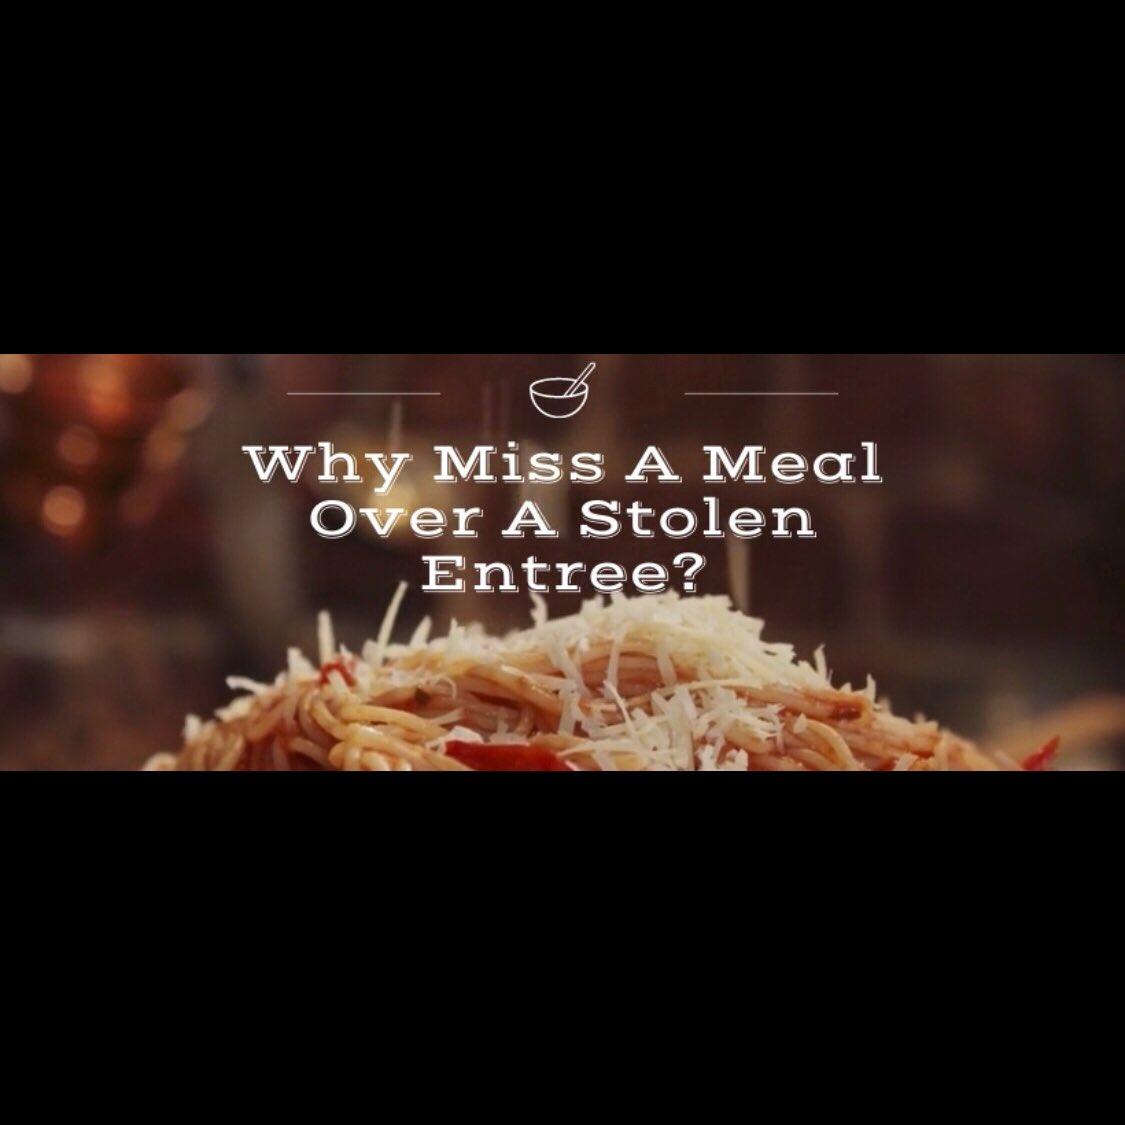 NEW EPISODE ALERT ALERT ALERT 🚨 @whymissamealpod  #whymissameal #whymissamealpodcast #blackpodcasts #blackentrepreneur #applepodcast #newpodcast #foodies  https://t.co/Fp19k8GWTe https://t.co/IYEYVc2L1K